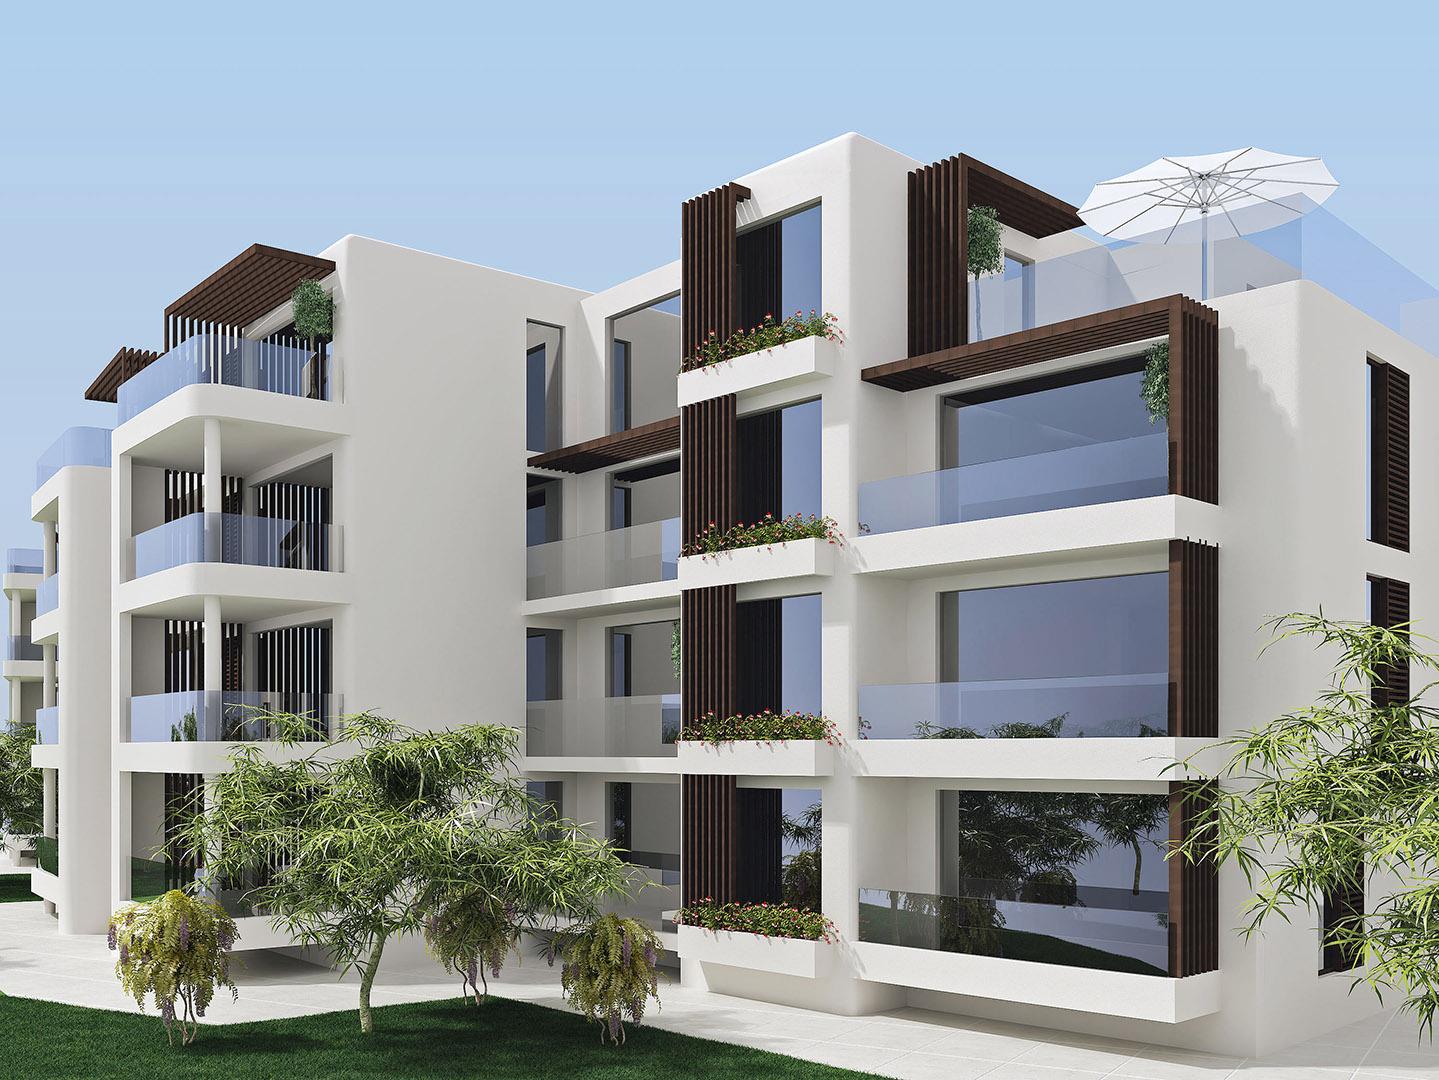 архитектурни проекти за сгради